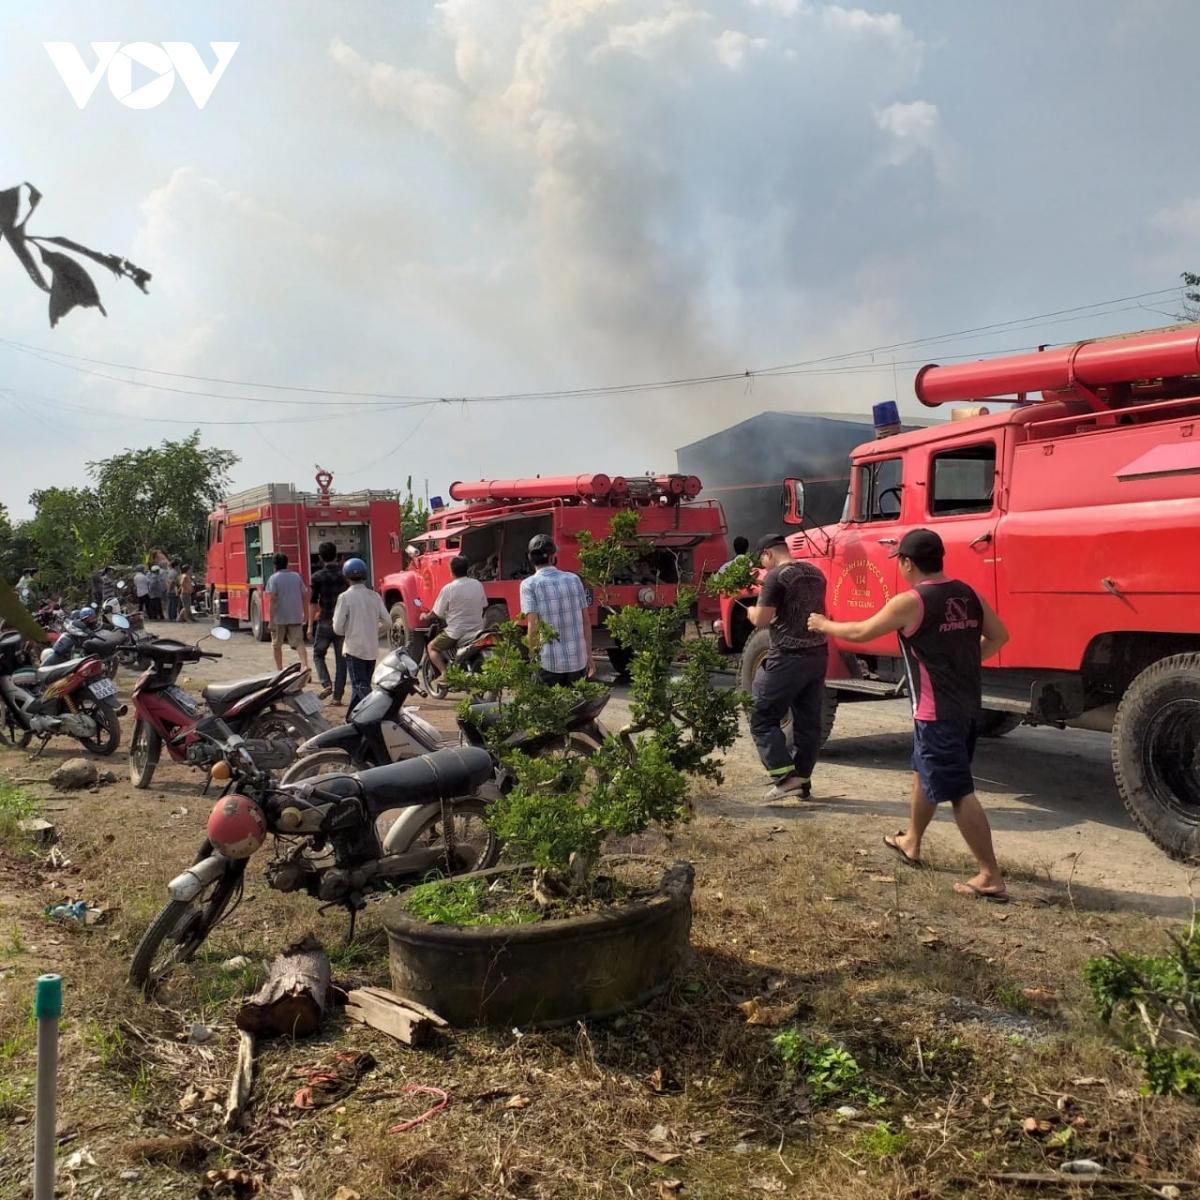 Đang cháy xưởng gỗ ở Tiền Giang, nhiều hàng hóa bị thiêu rụi - Ảnh 3.